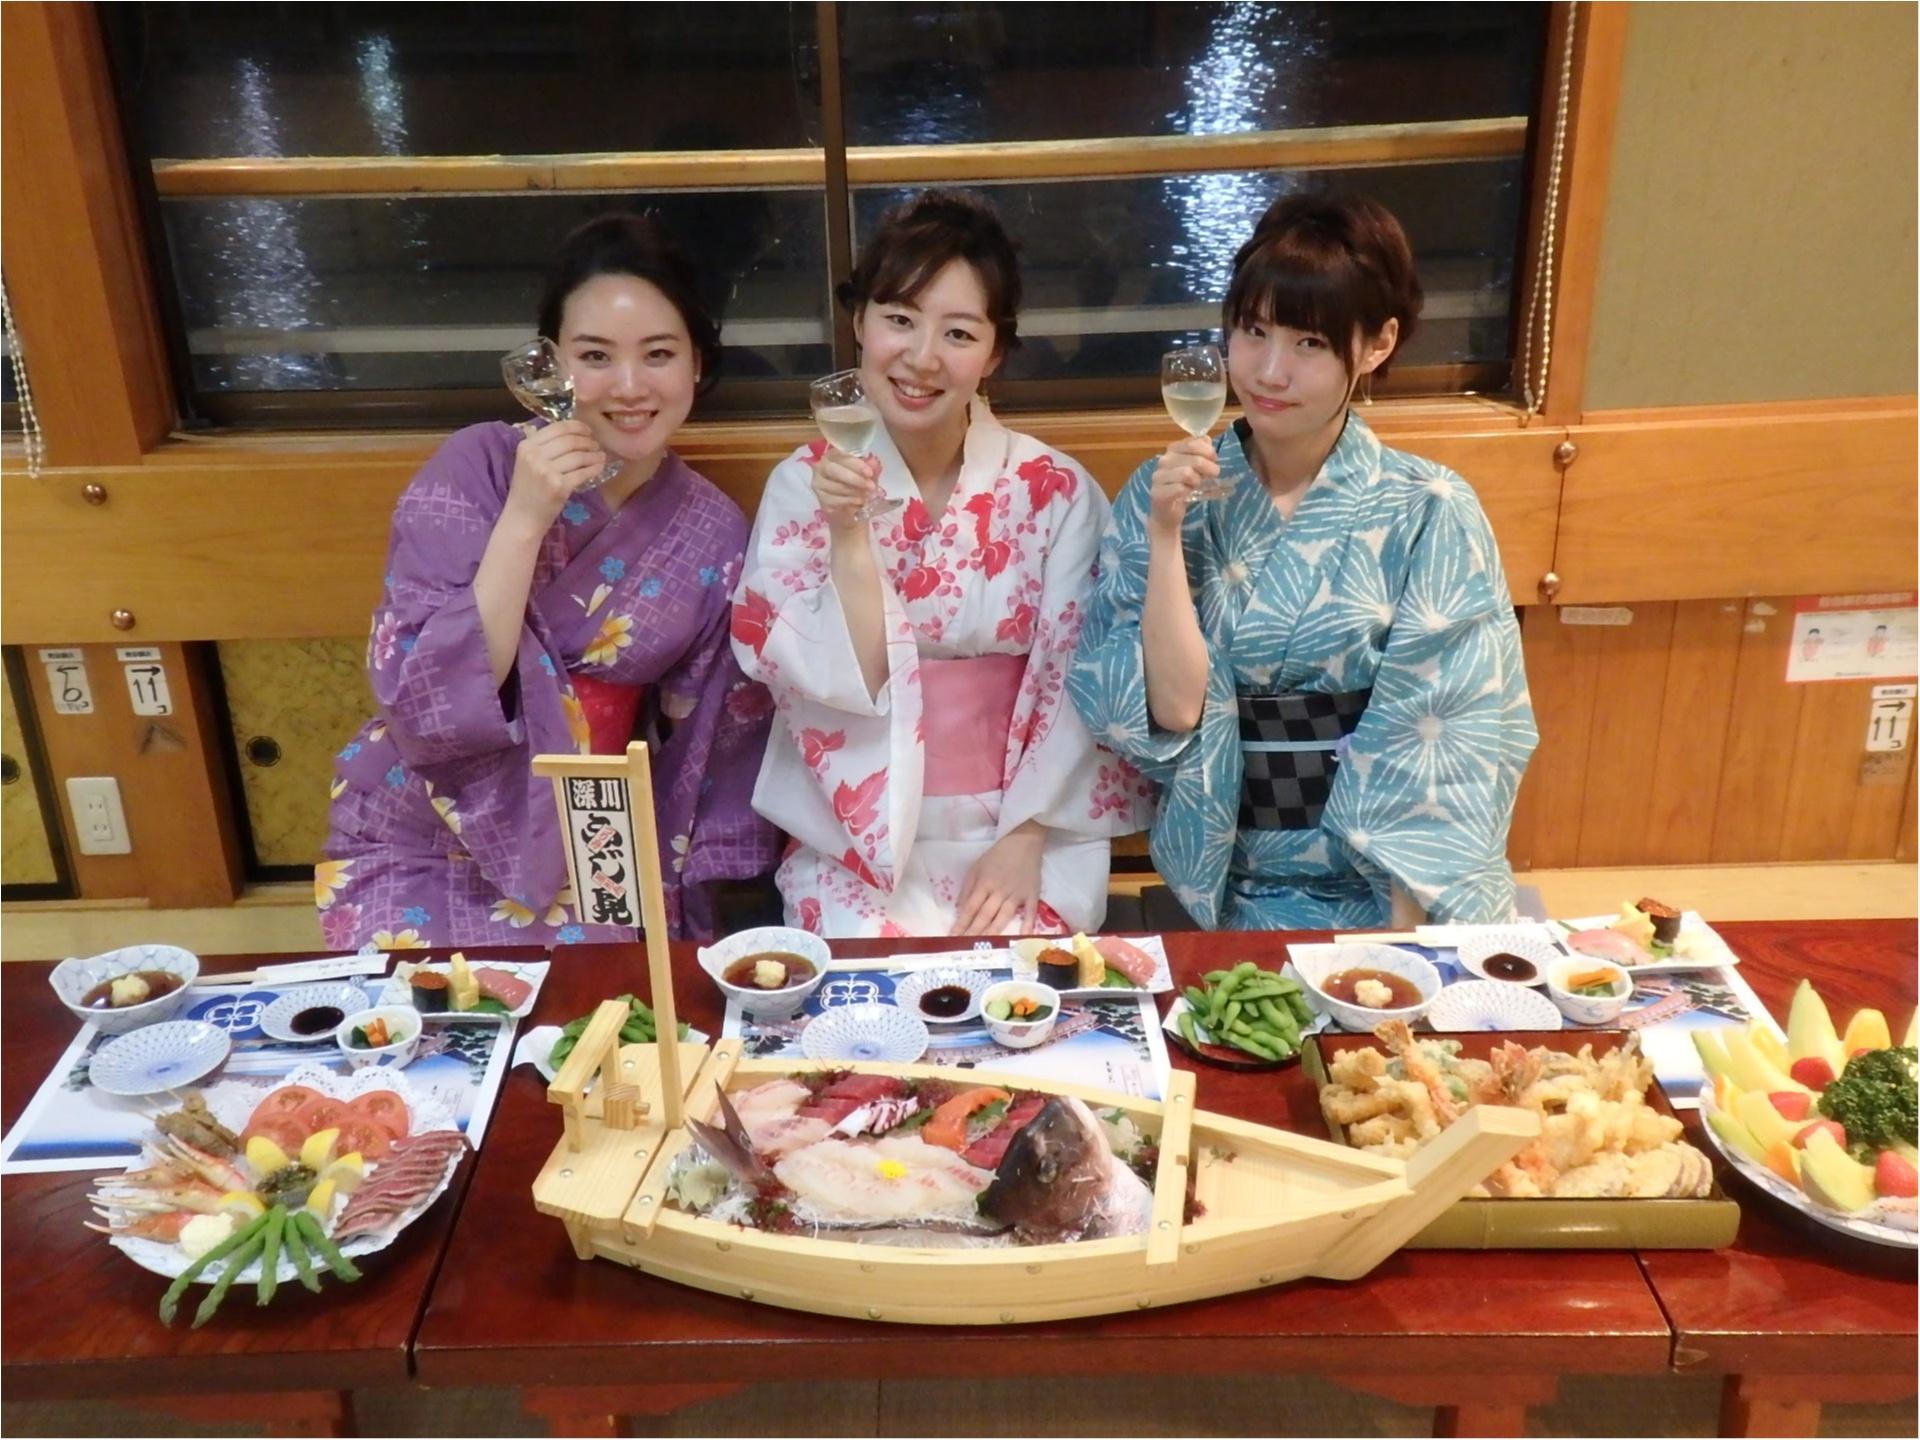 ゆかた屋形船女子会♡MORE8月号掲載『トレンドプレゼン大会』裏側レポ♡_8